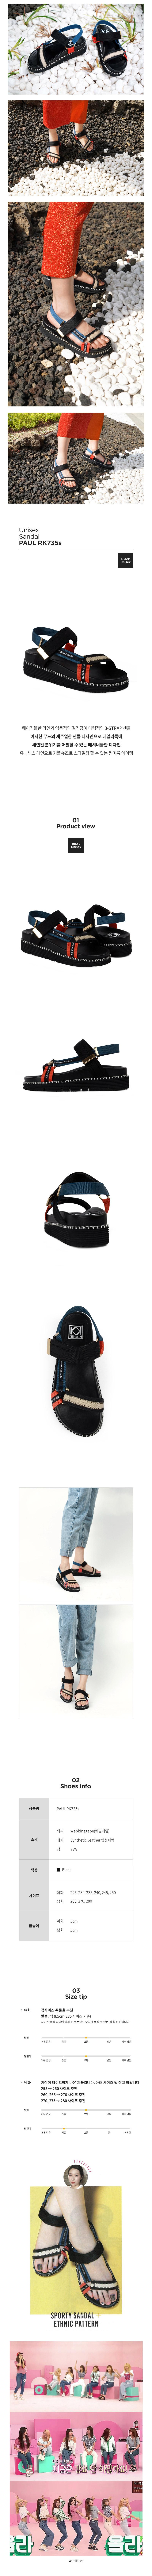 렉켄(REKKEN) Sandal[남녀공용]_PAUL RK735s